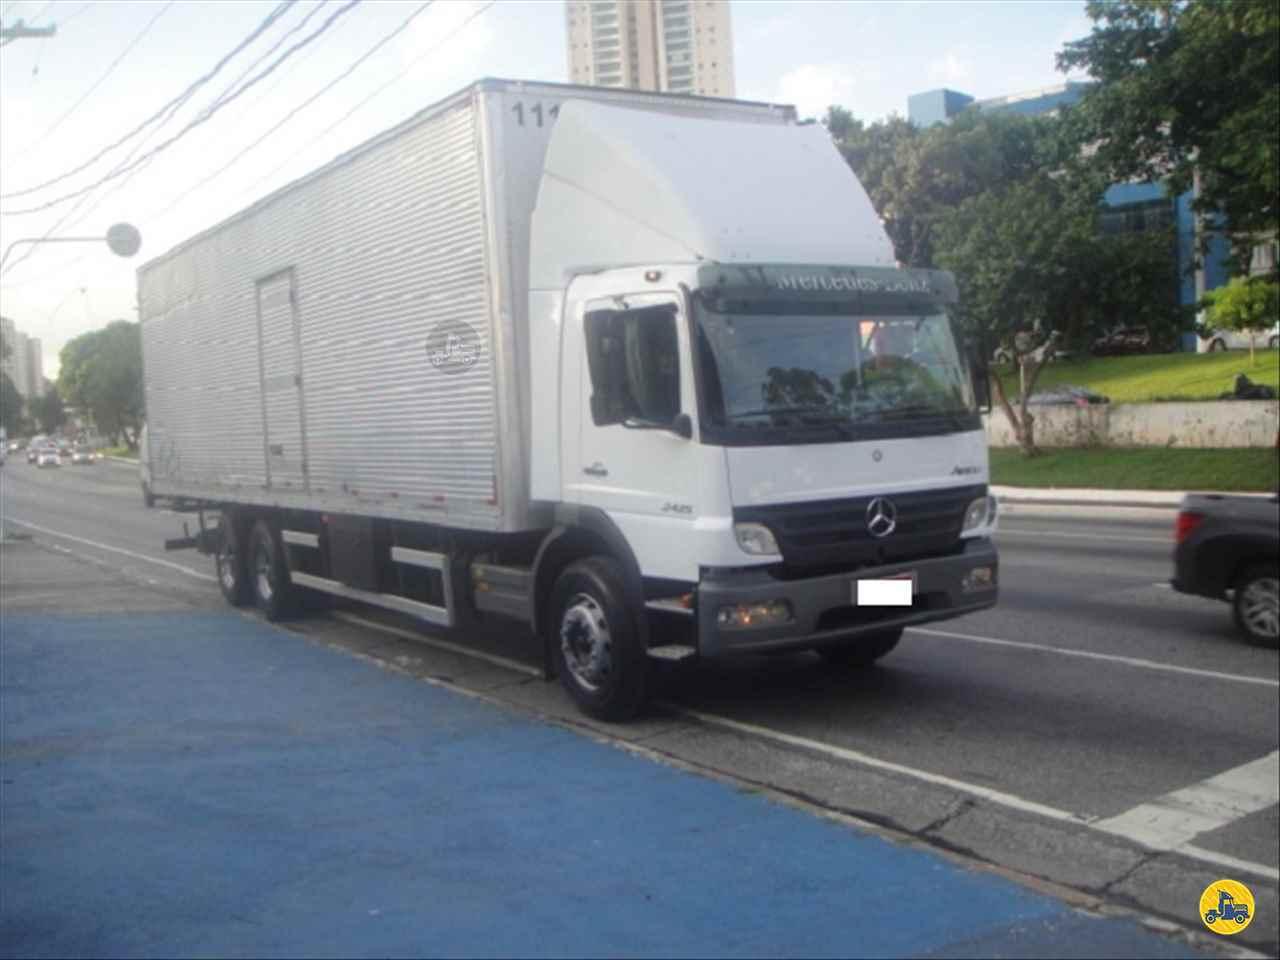 CAMINHAO MERCEDES-BENZ MB 2425 Baú Furgão Truck 6x2 Zezinho Caminhões SAO PAULO SÃO PAULO SP